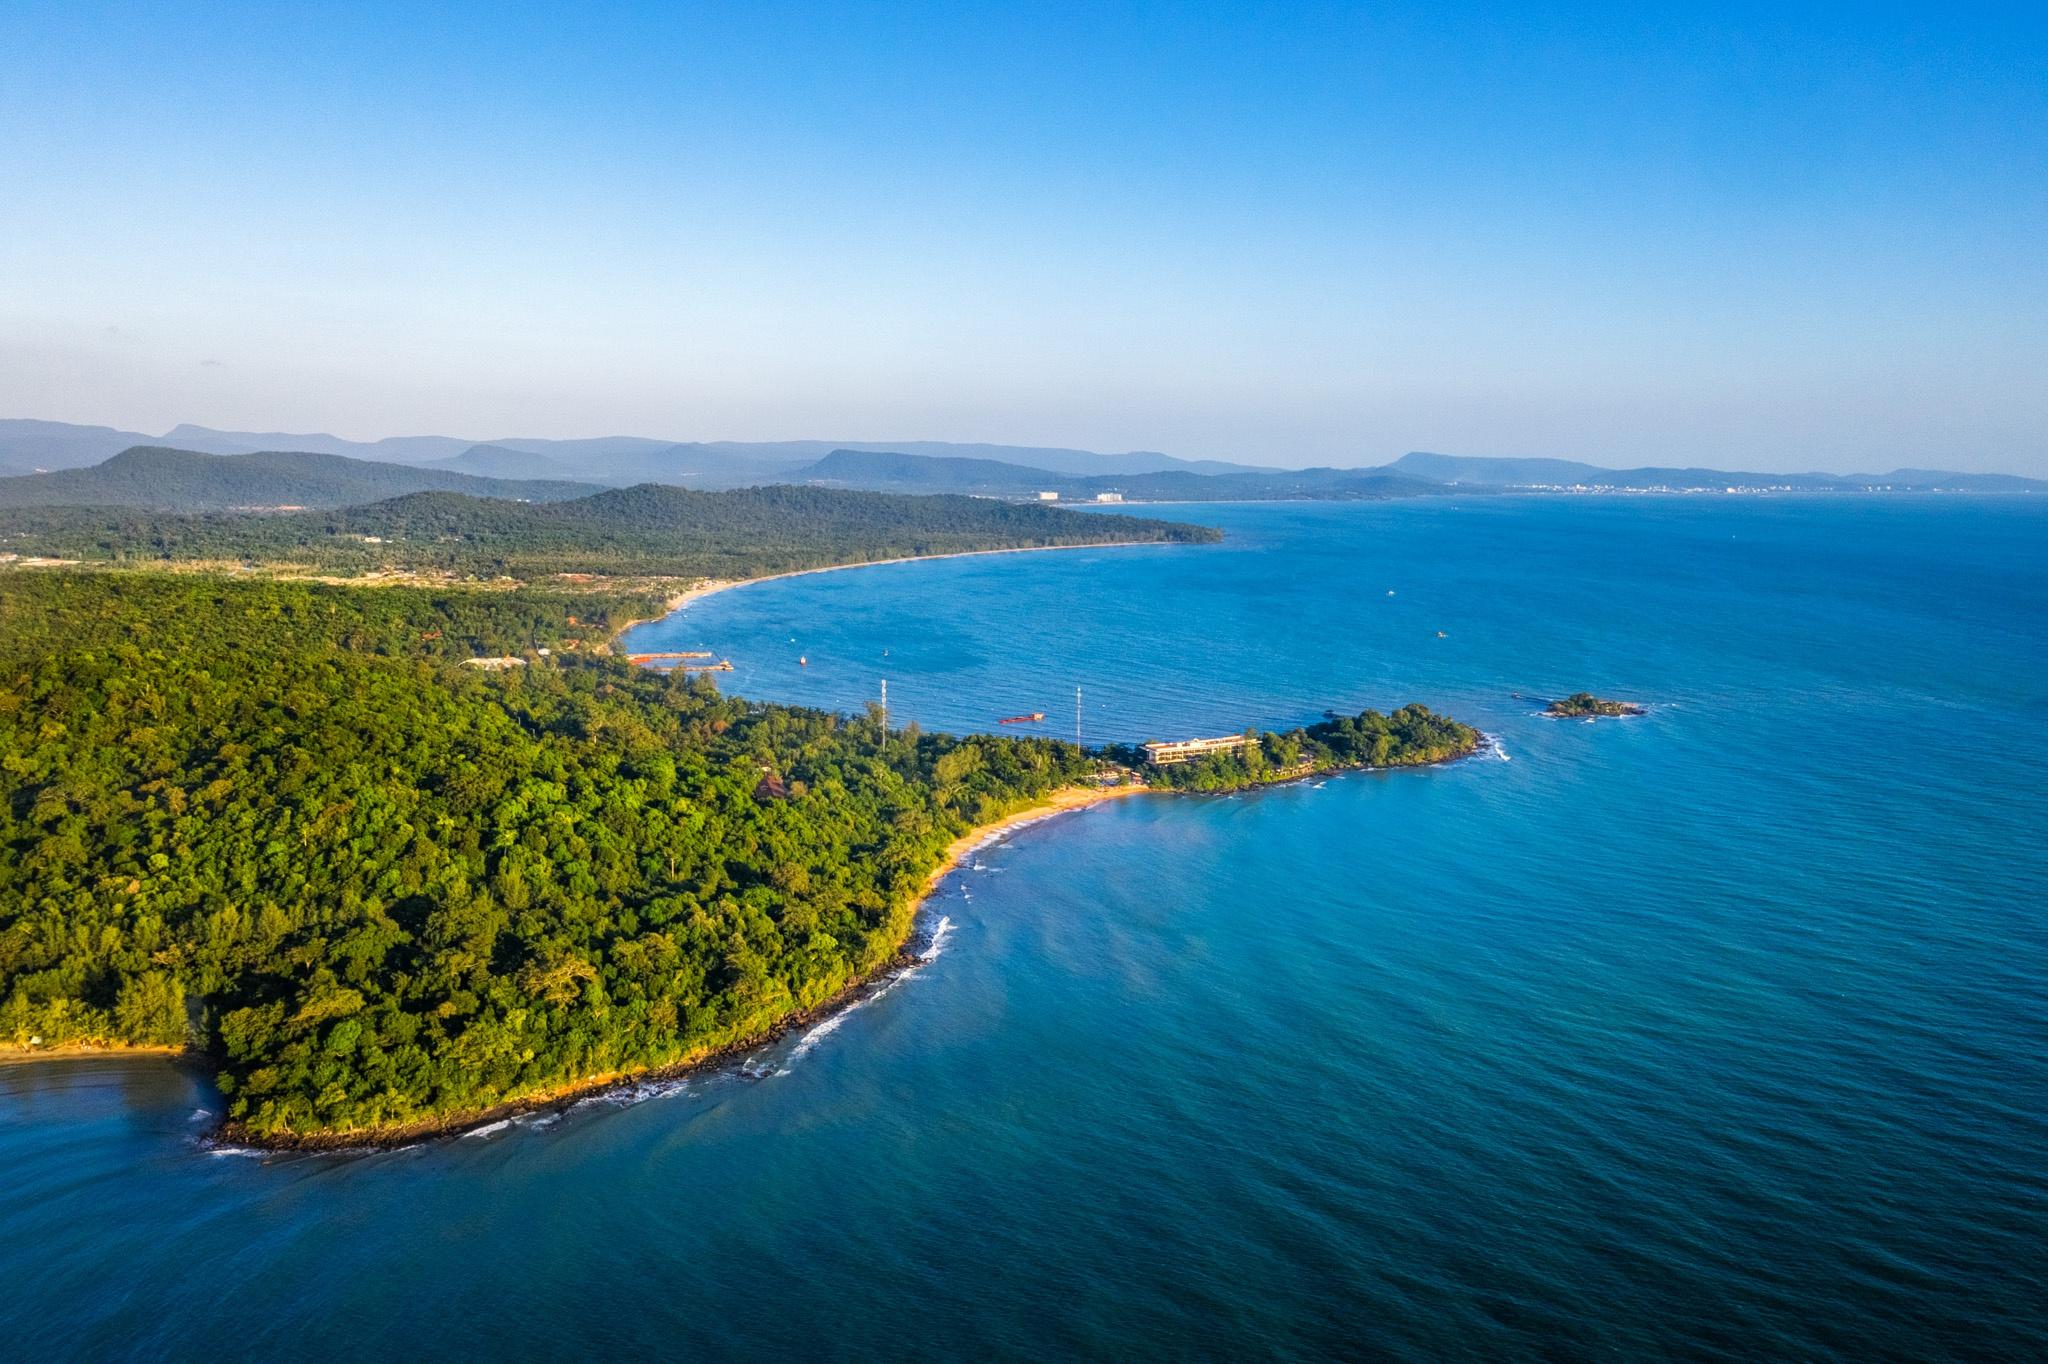 Chu du biển đảo Phú Quốc, ngắm vẻ đẹp giao hòa của tự nhiên - Ảnh 3.